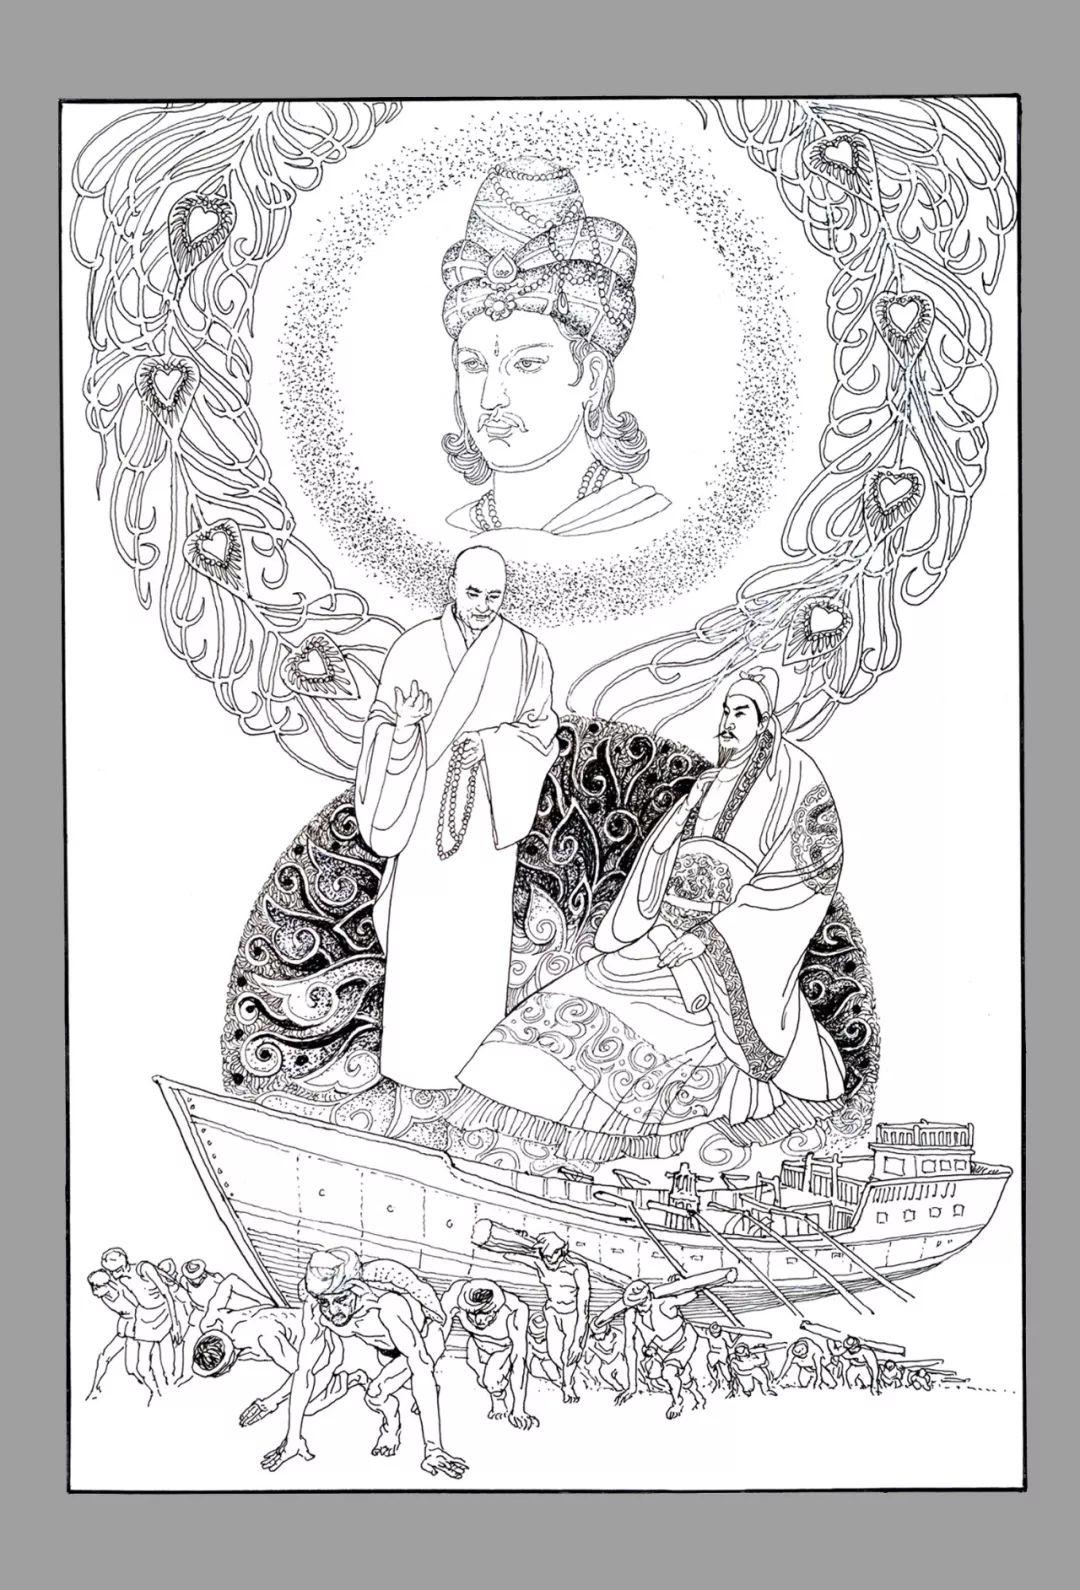 内蒙古画家--彭志信 第74张 内蒙古画家--彭志信 蒙古画廊